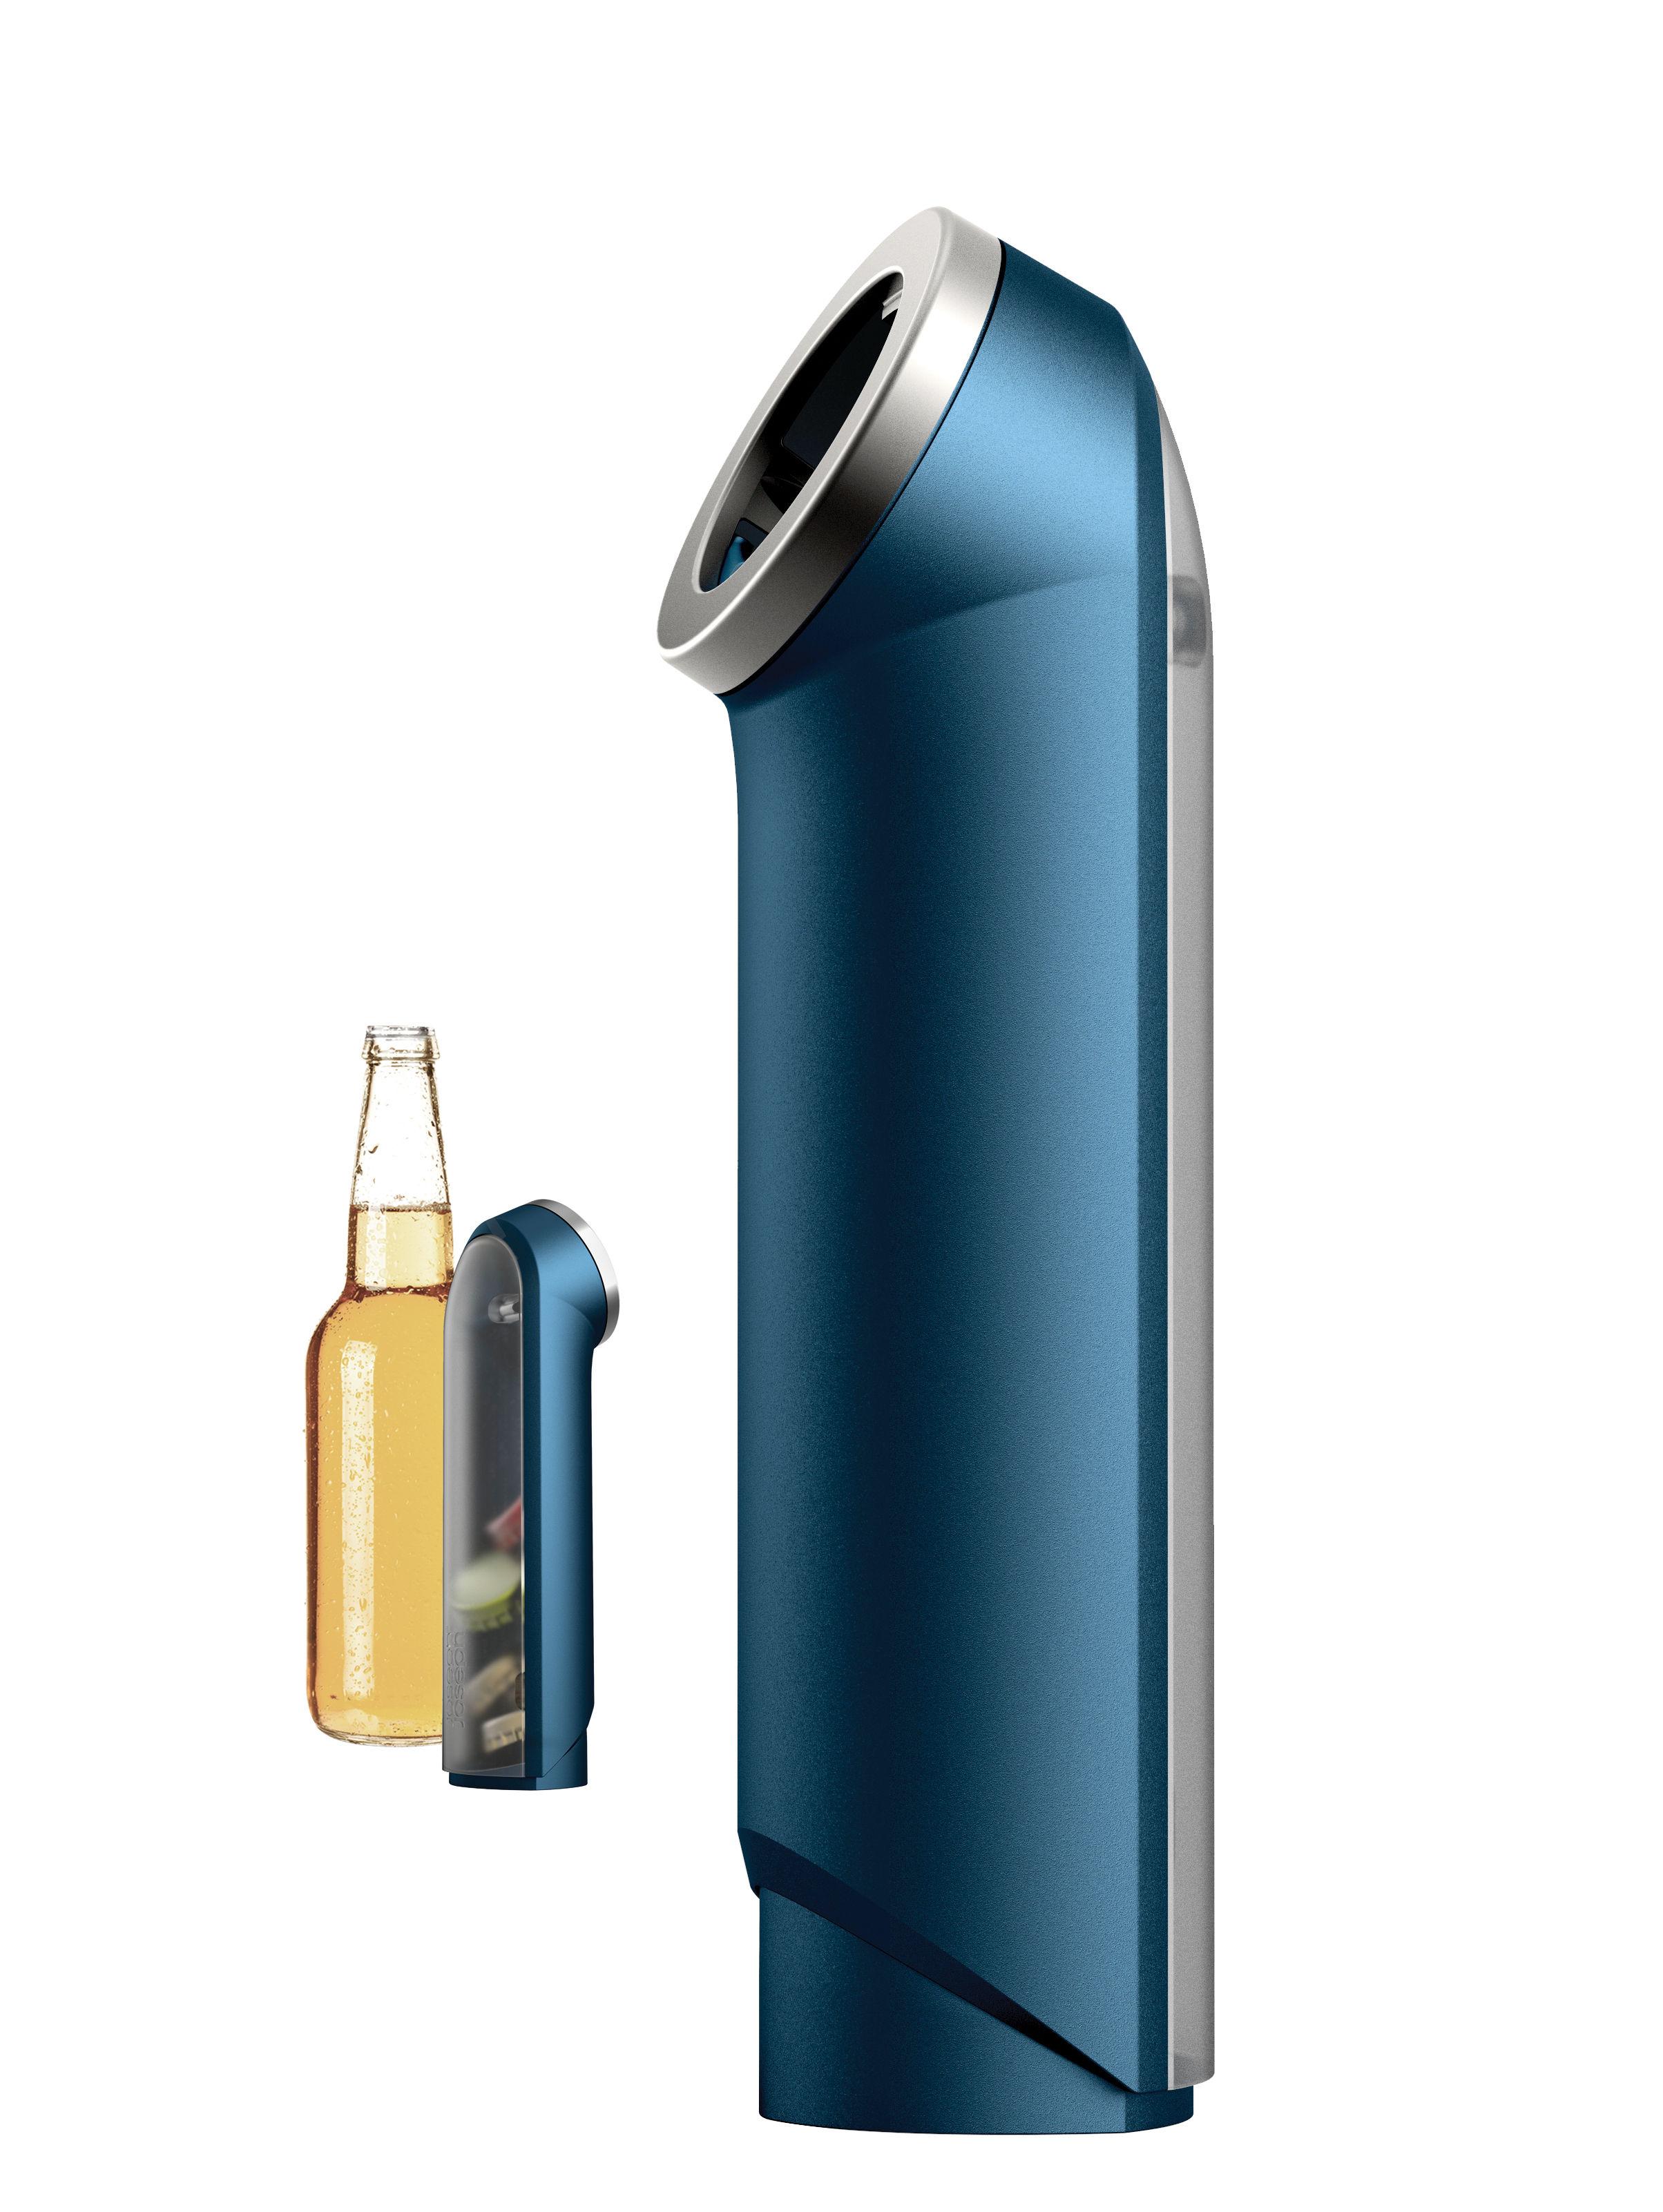 Tischkultur - Bar, Wein und Apéritif - BarWise Flaschenöffner / Kronkorkensammler - mit Auffangbehälter - Joseph Joseph - Blau - Metall